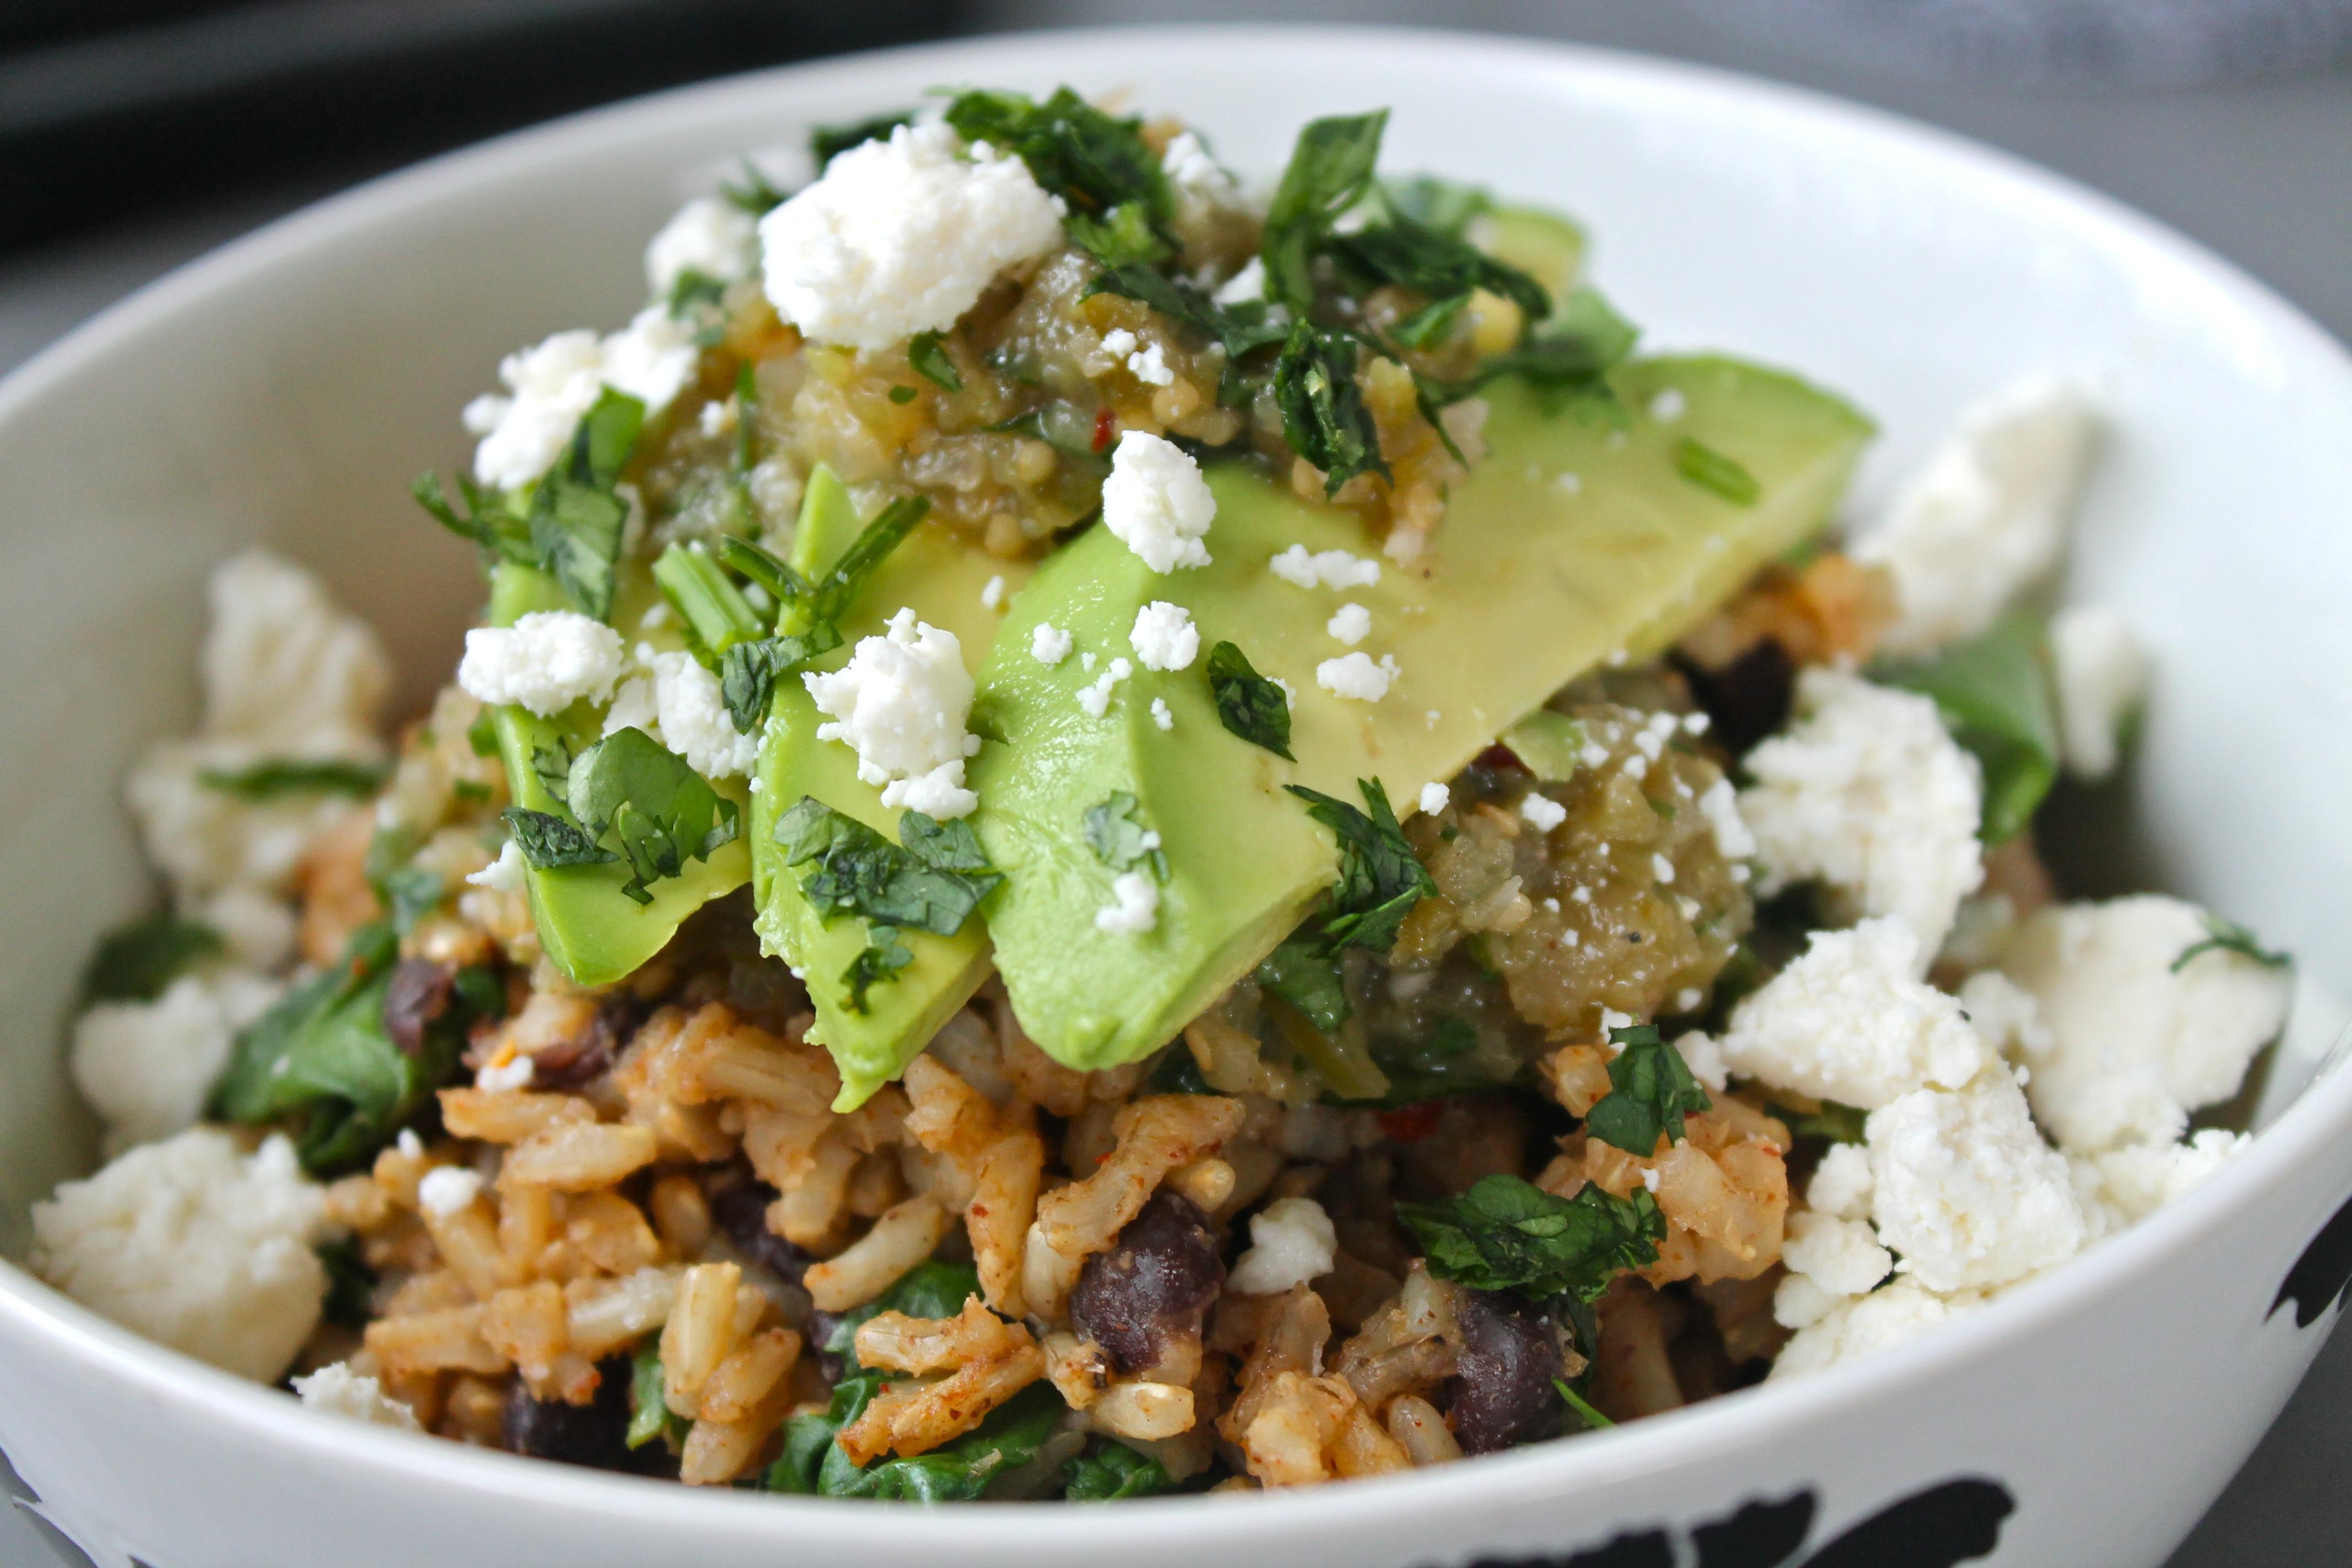 Brown Rice Black Bean Bowls with Tomatillo Salsa, Avocado, and Queso Fresco